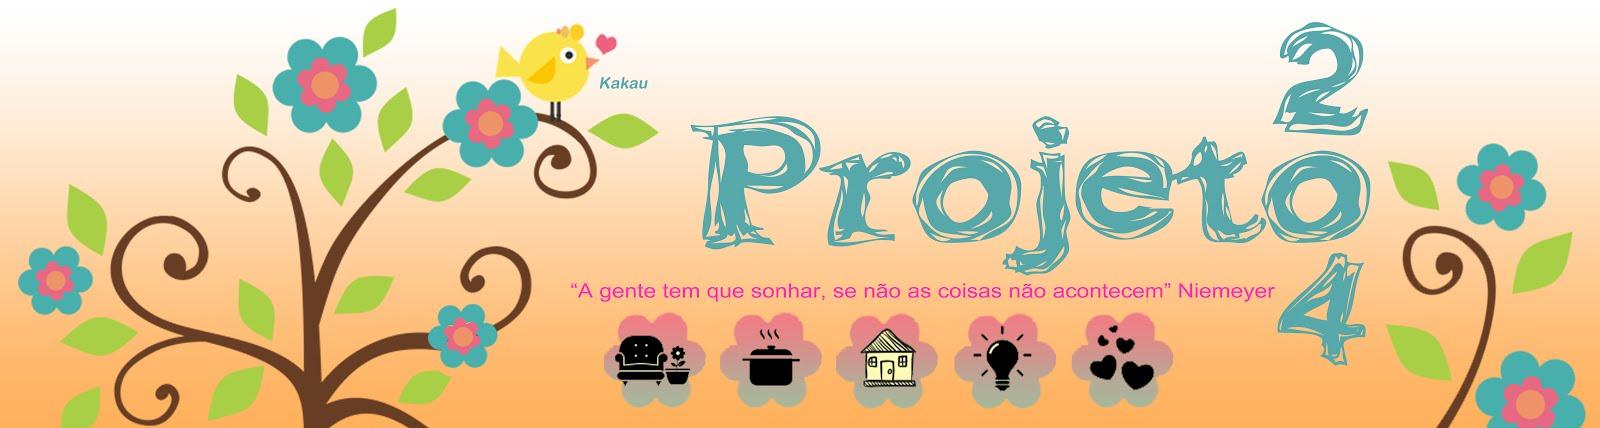 Projeto 204